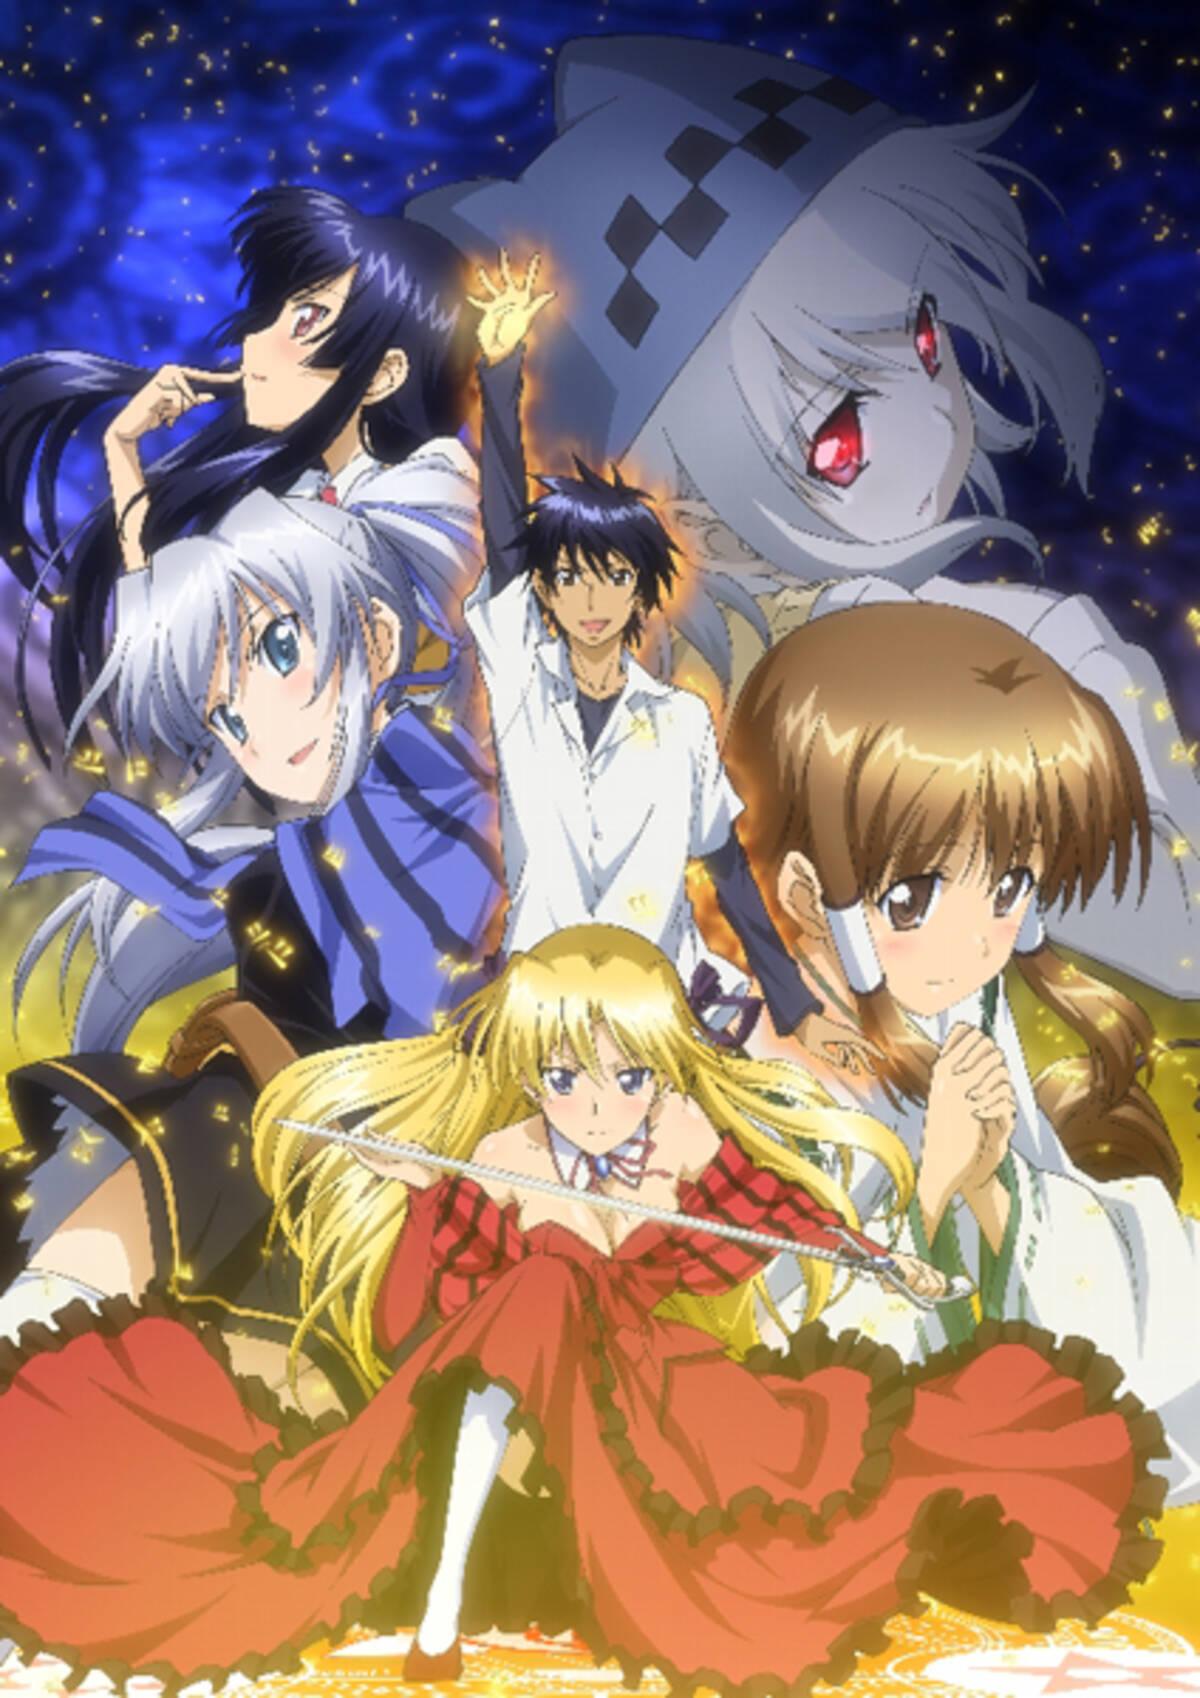 アニメ界に神話ブーム到来 7月放送開始のバトルファンタジー